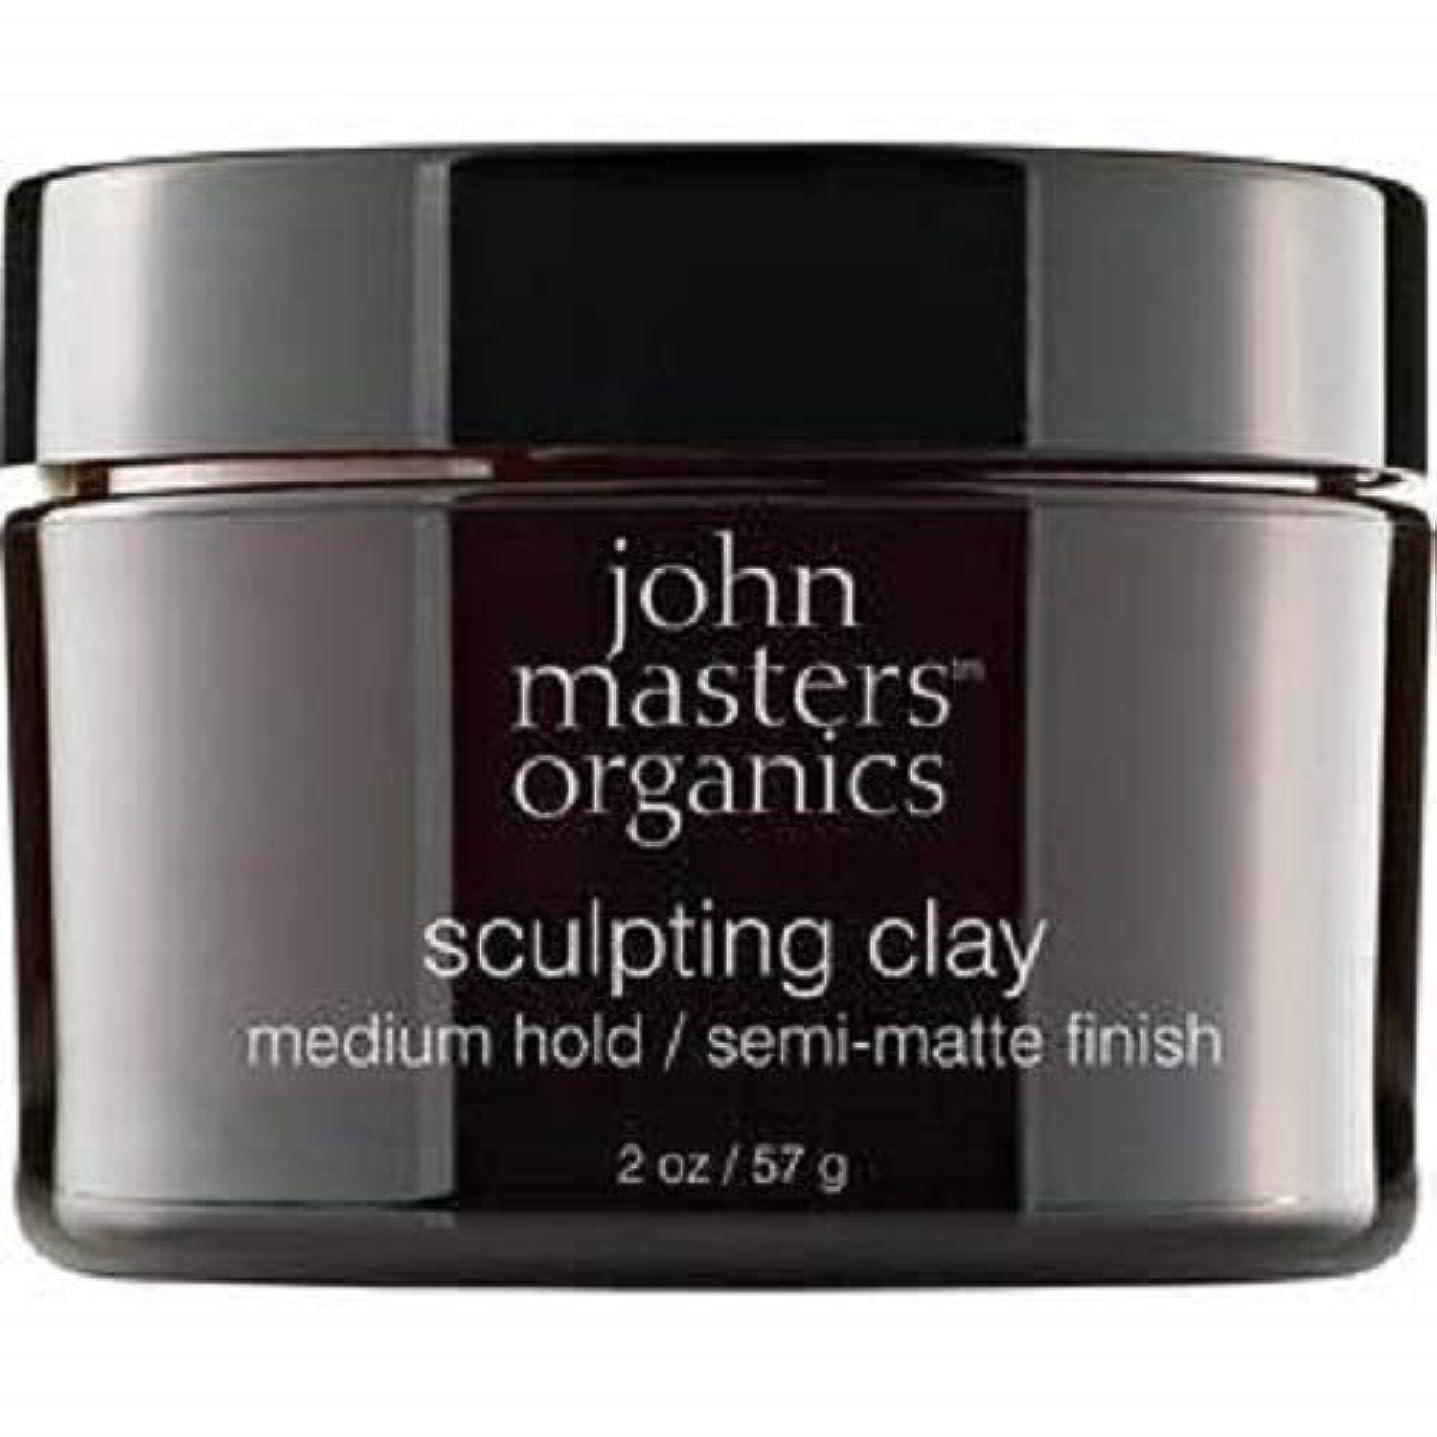 迅速プランター救いJohn Masters Organics Sculpting Clay medium hold / semi-matt finish 2 OZ,57 g